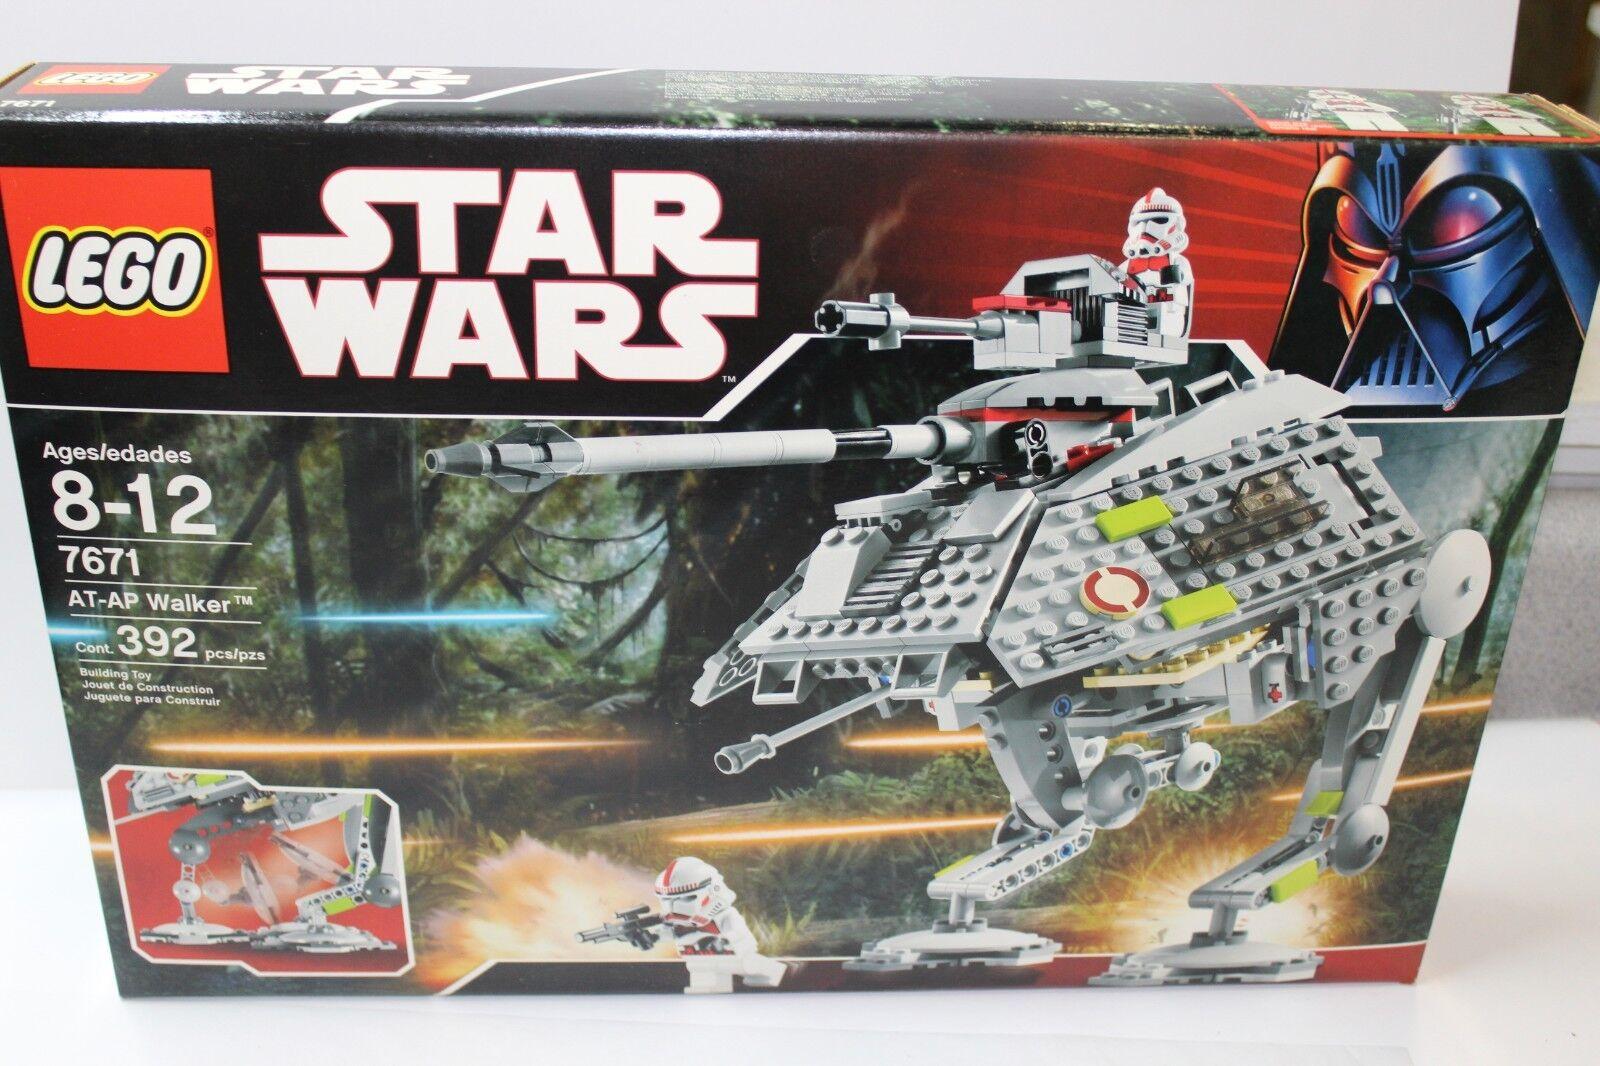 Lego 7671 Star Wars AT-AP WALKER Neuf dans sa boîte livraison gratuite